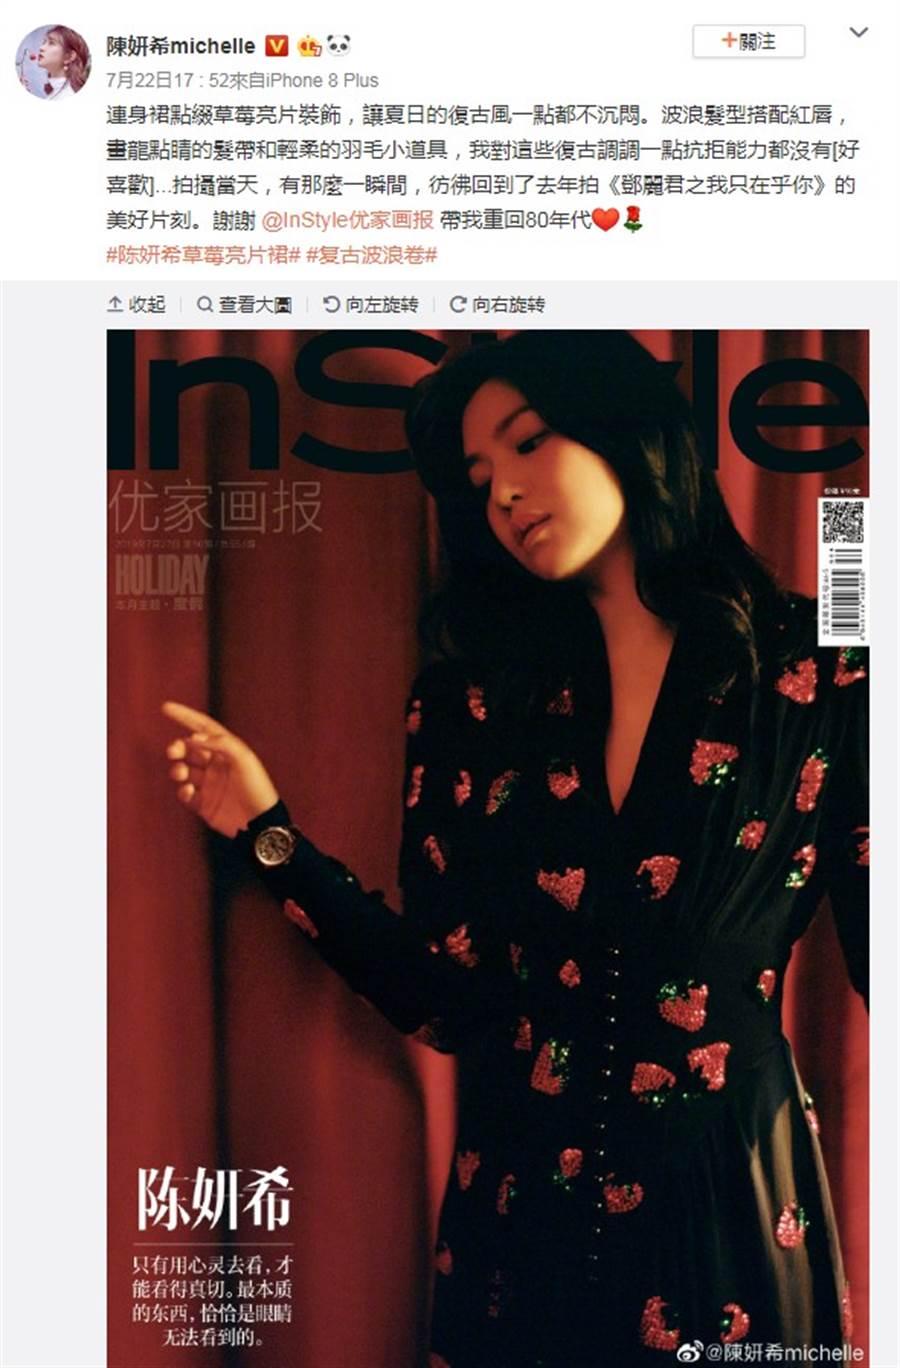 陳妍希喜歡這套復古穿著。(圖/微博@陳妍希)